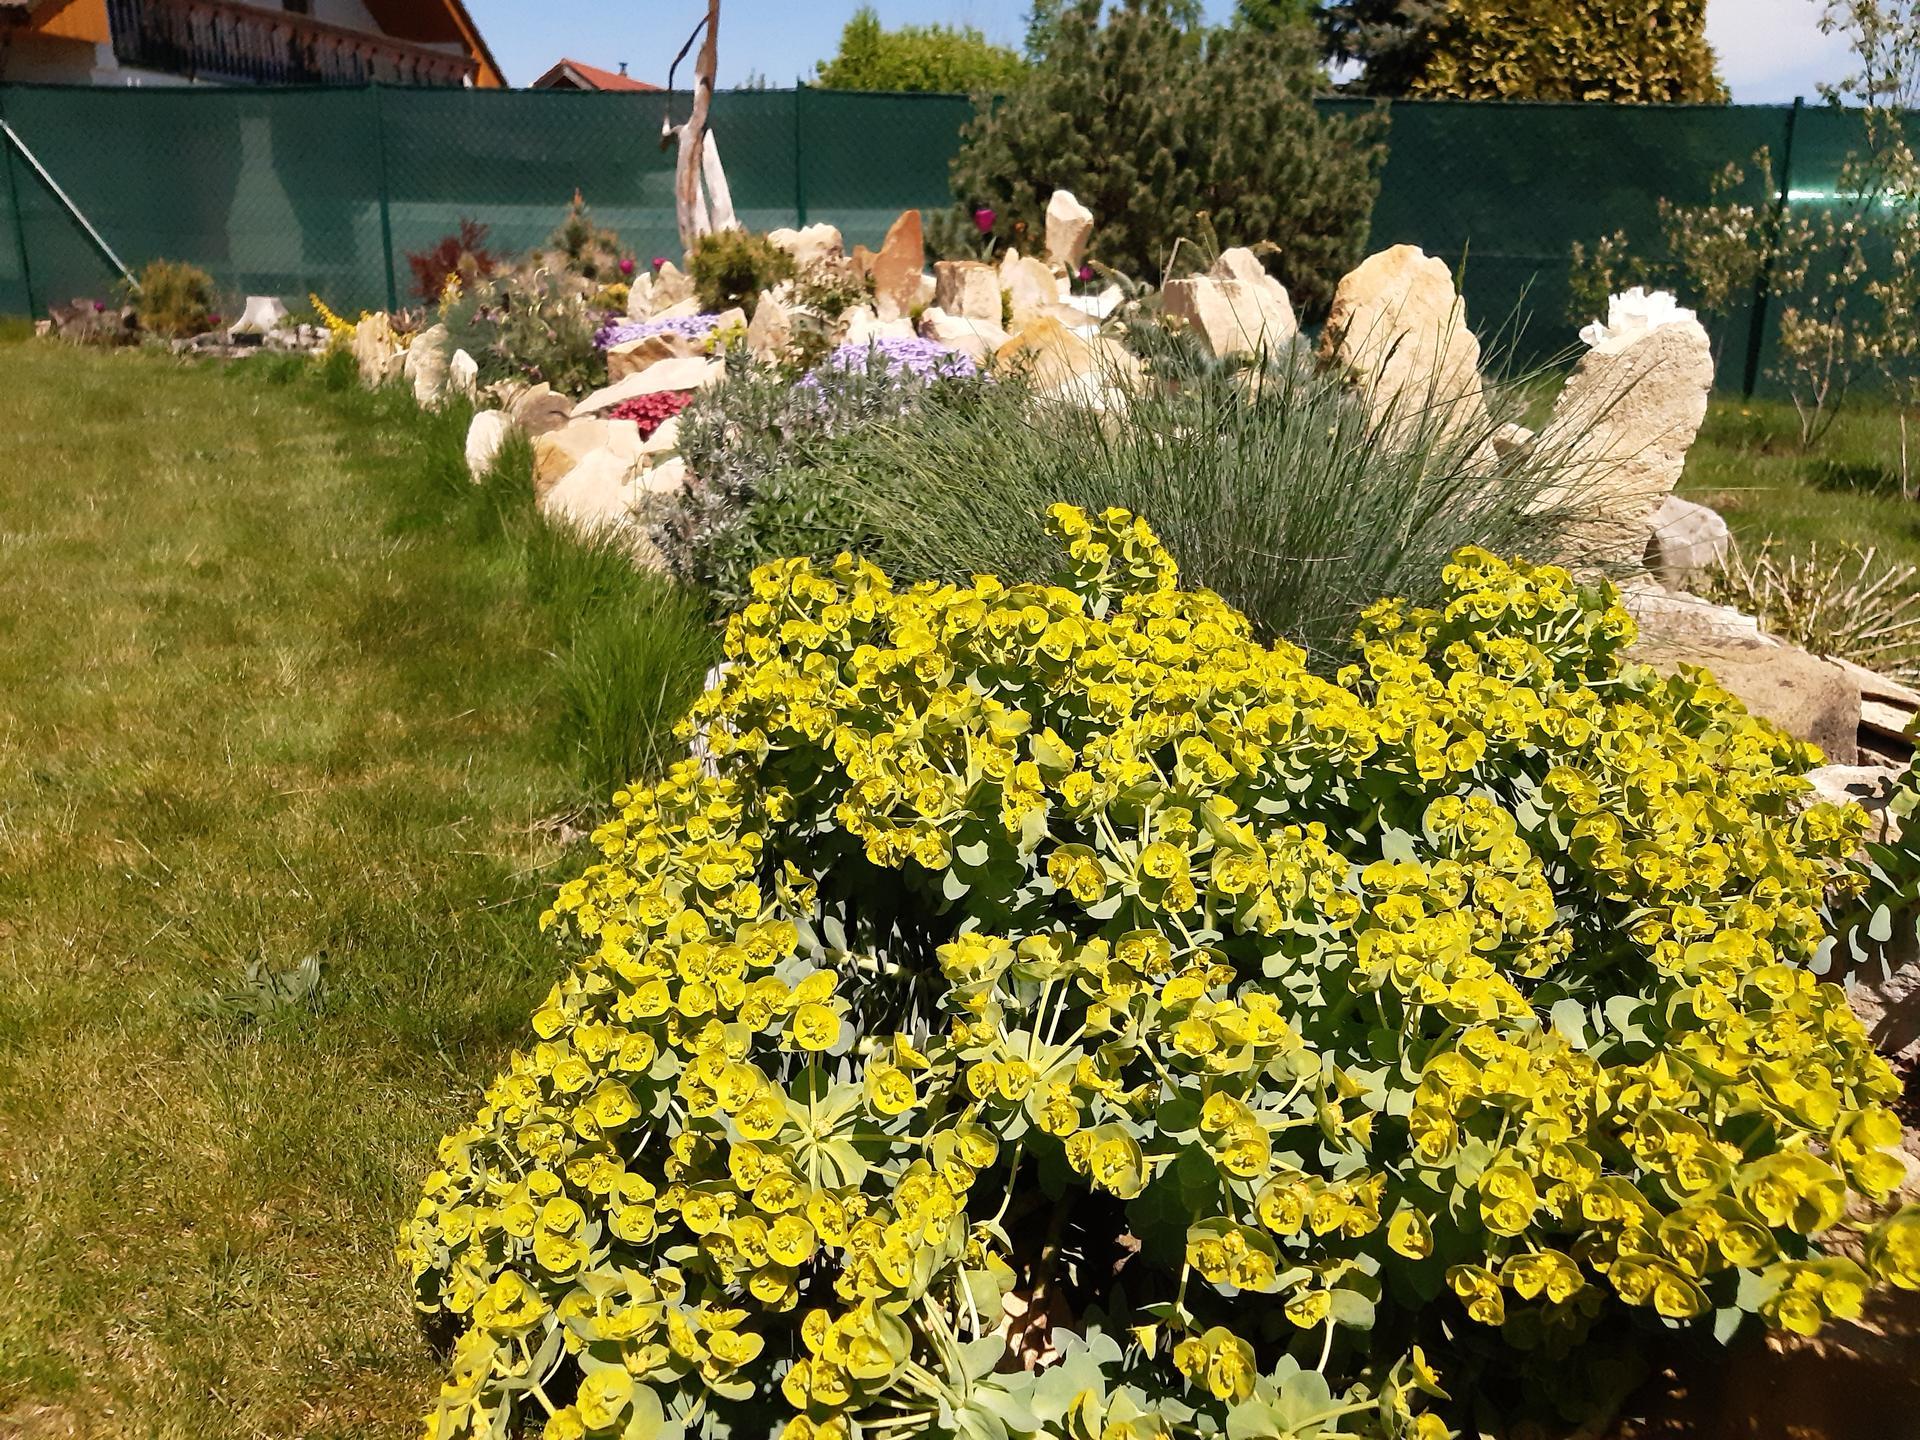 Zahrada 2021 - Skalka se vybarvuje a rozšiřuje